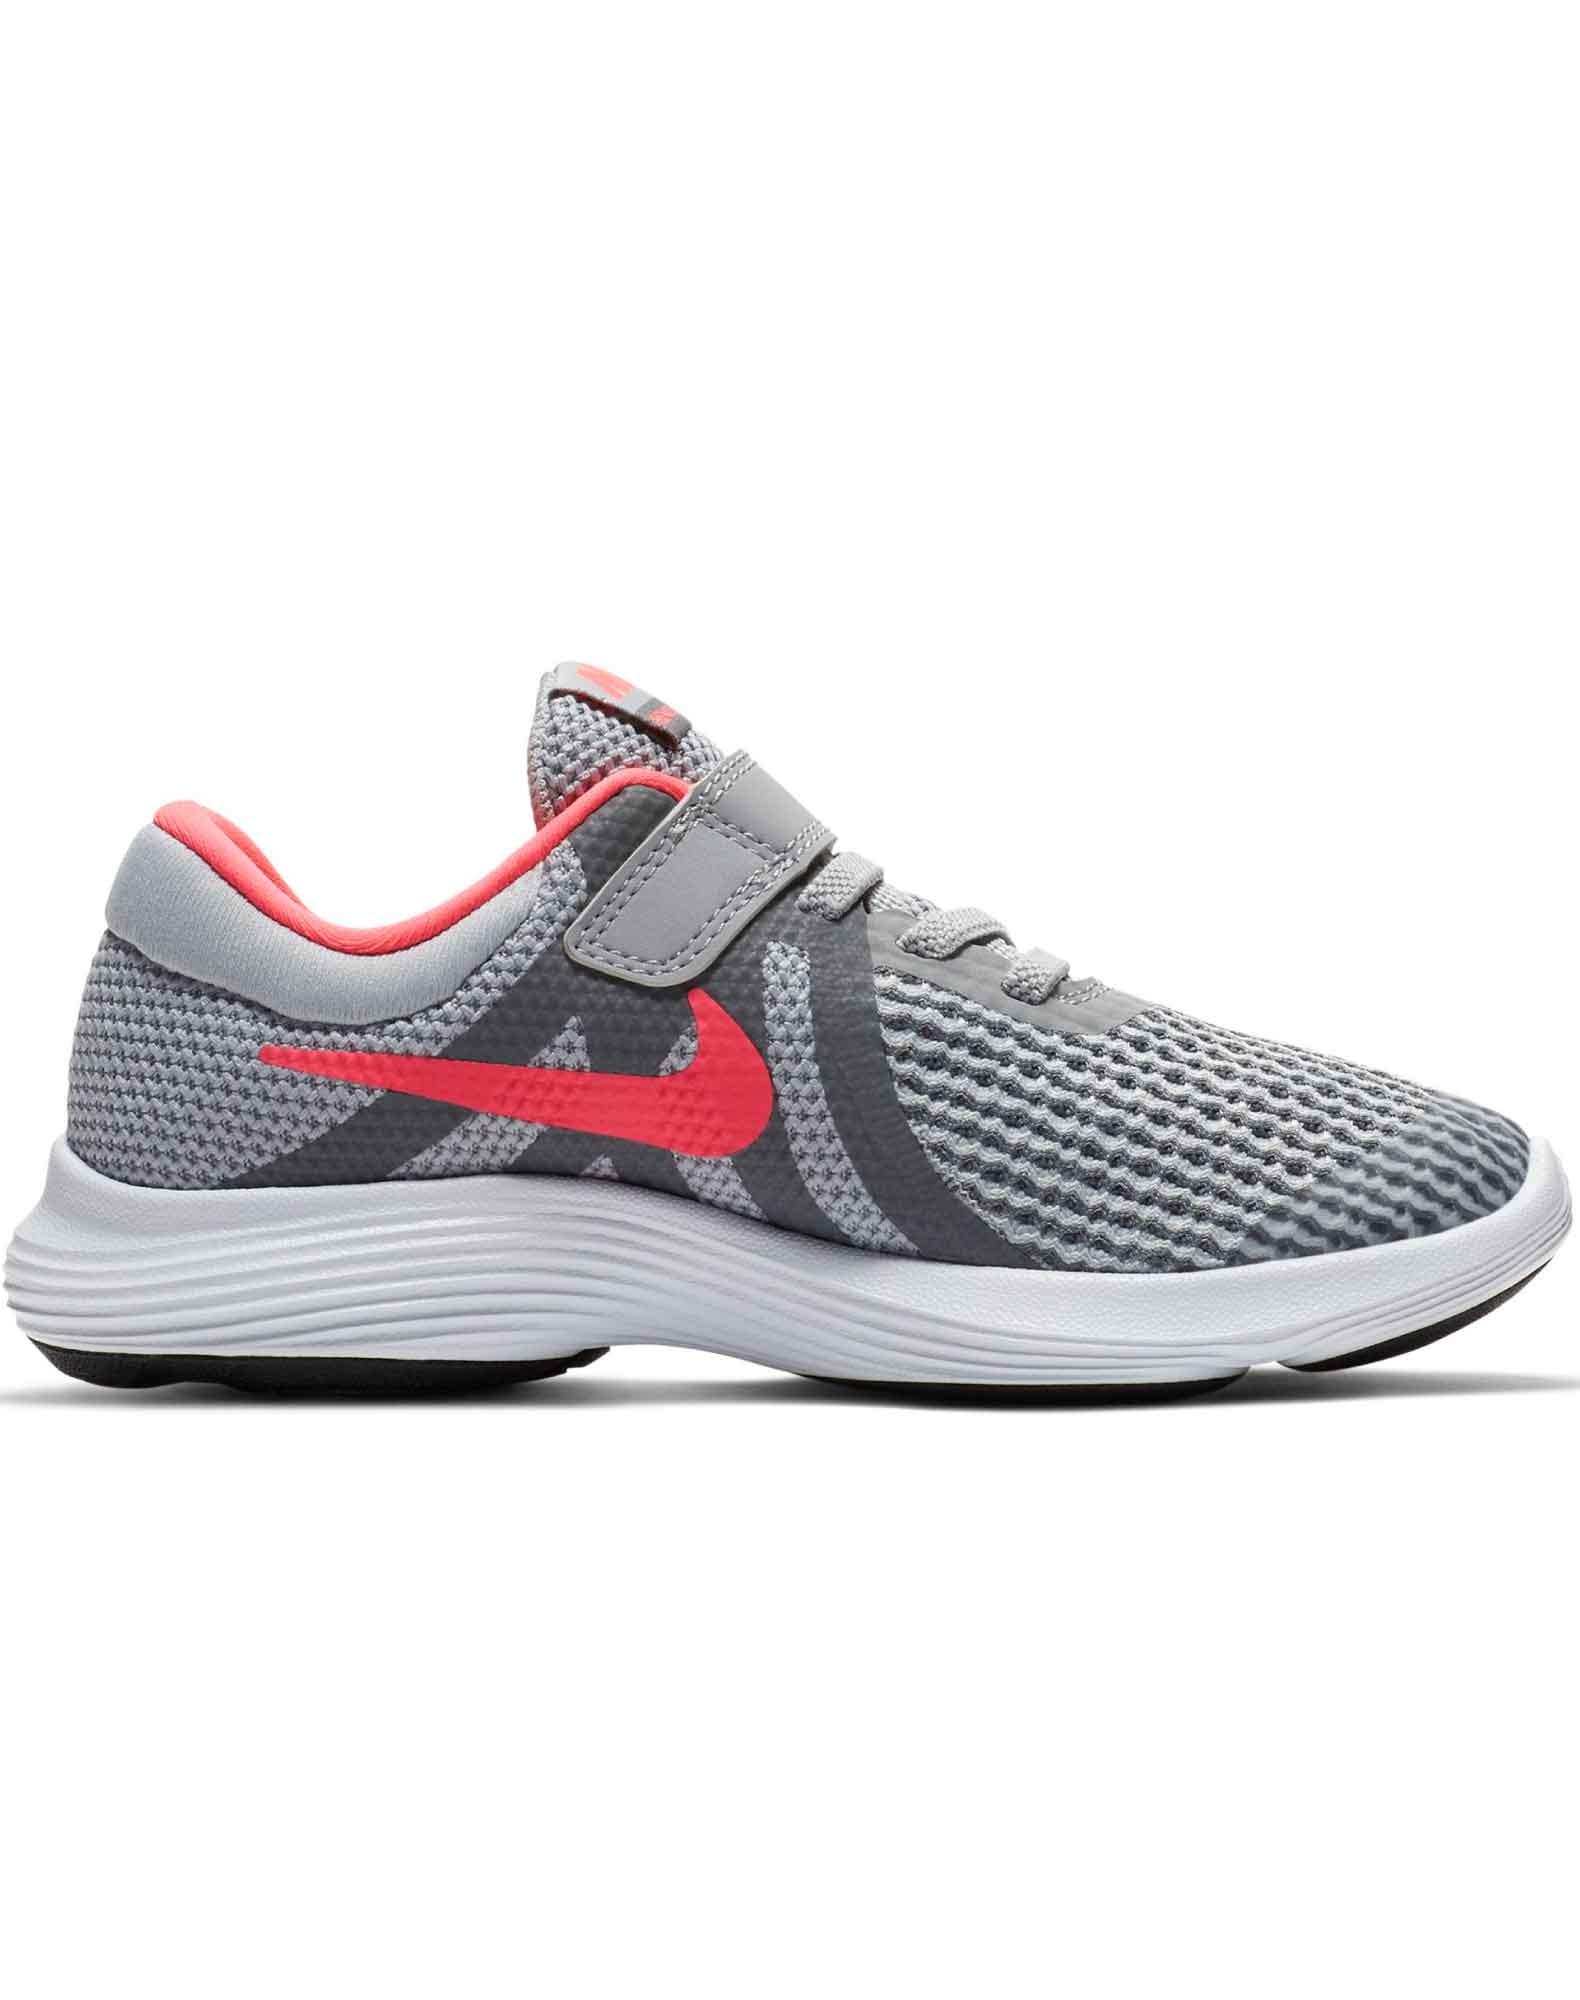 new product c800a a1831 ... free shipping 4 børn køb sko revolution nike online psv grå lyserød  wrw4u7q1z f67bb b29f4